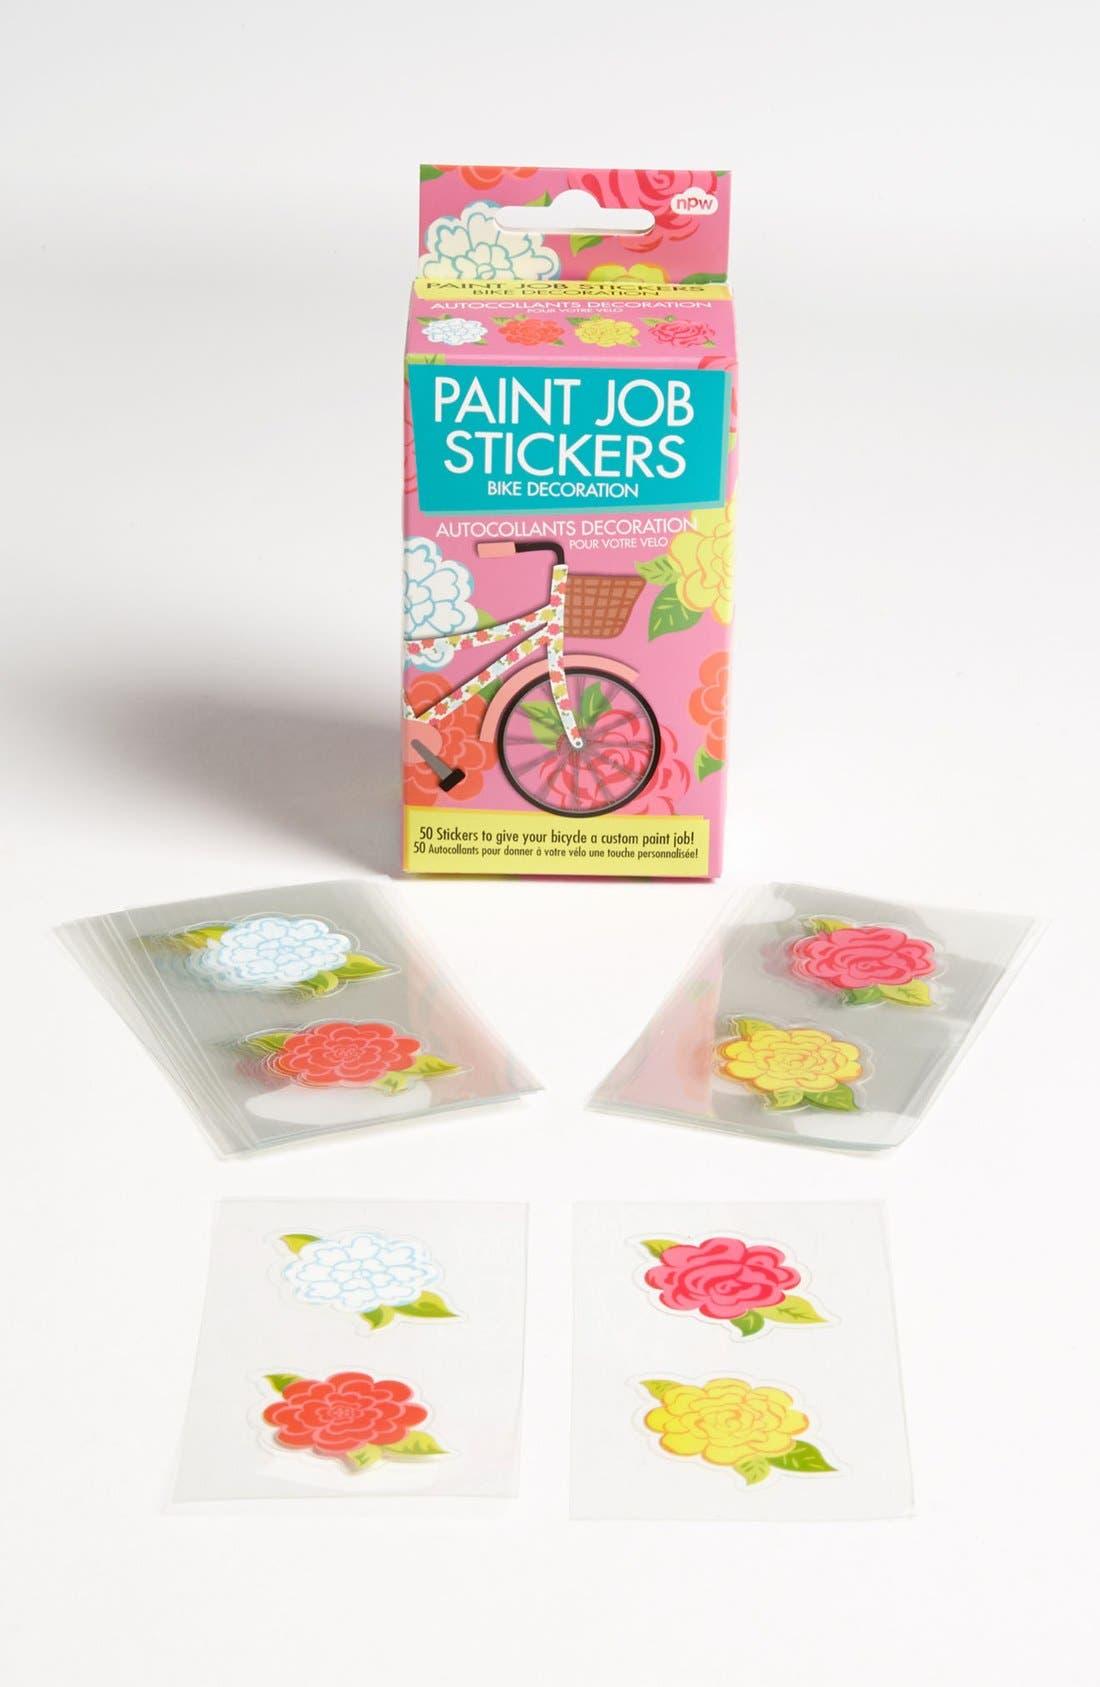 Main Image - NPW 'Paint Job' Bike Stickers